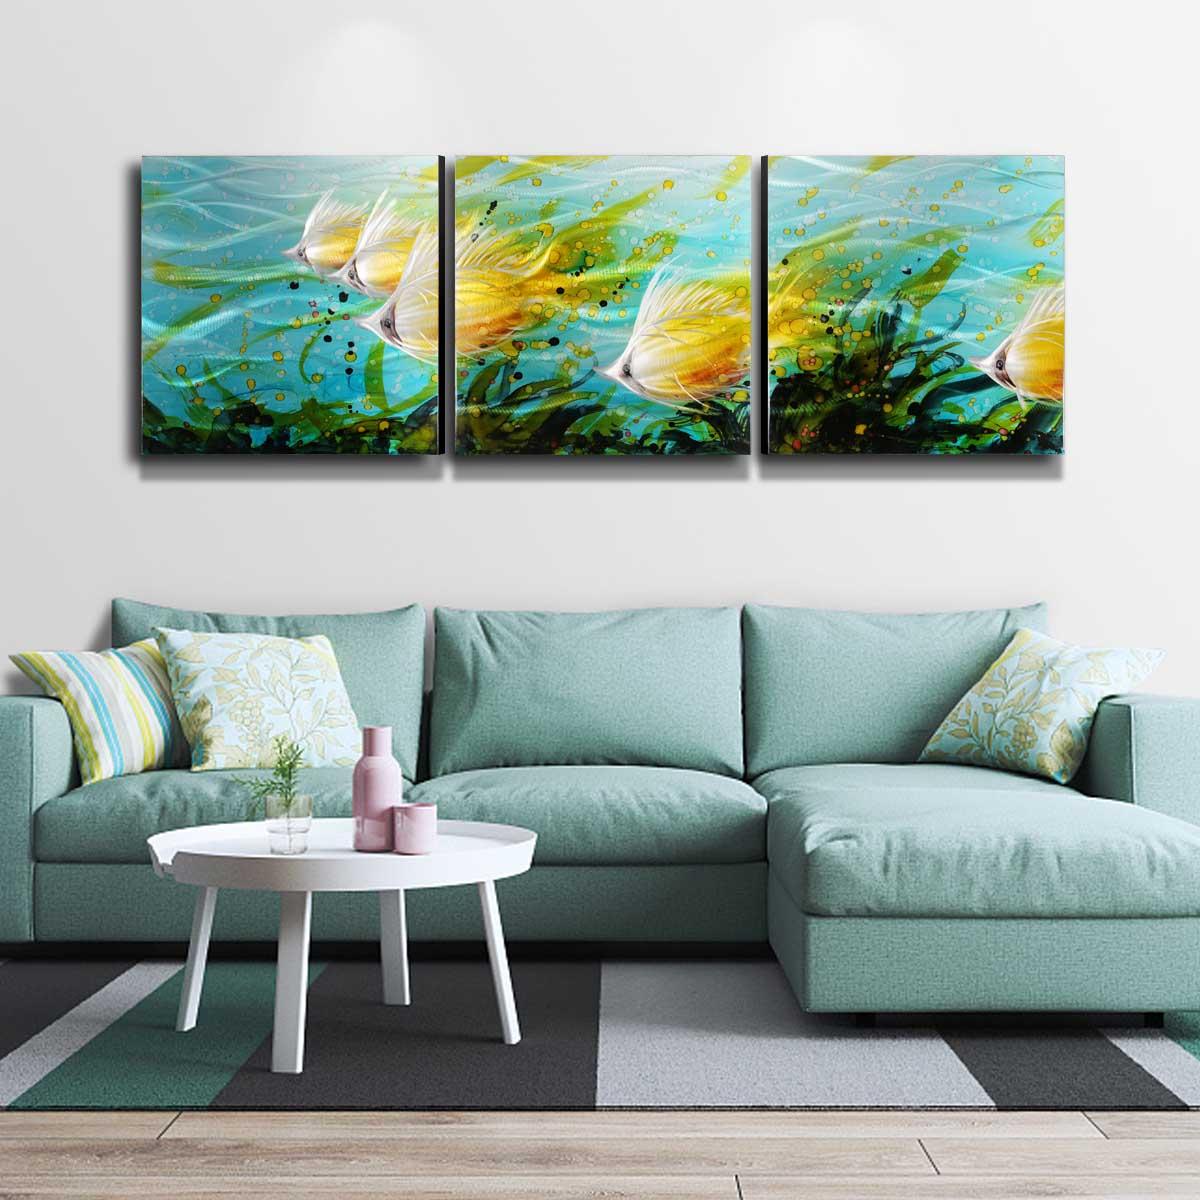 Изысканный 3 панели Алюминий стены Книги по искусству Тропические рыбы стены Книги по искусству современной живописи стены Скульптура укра